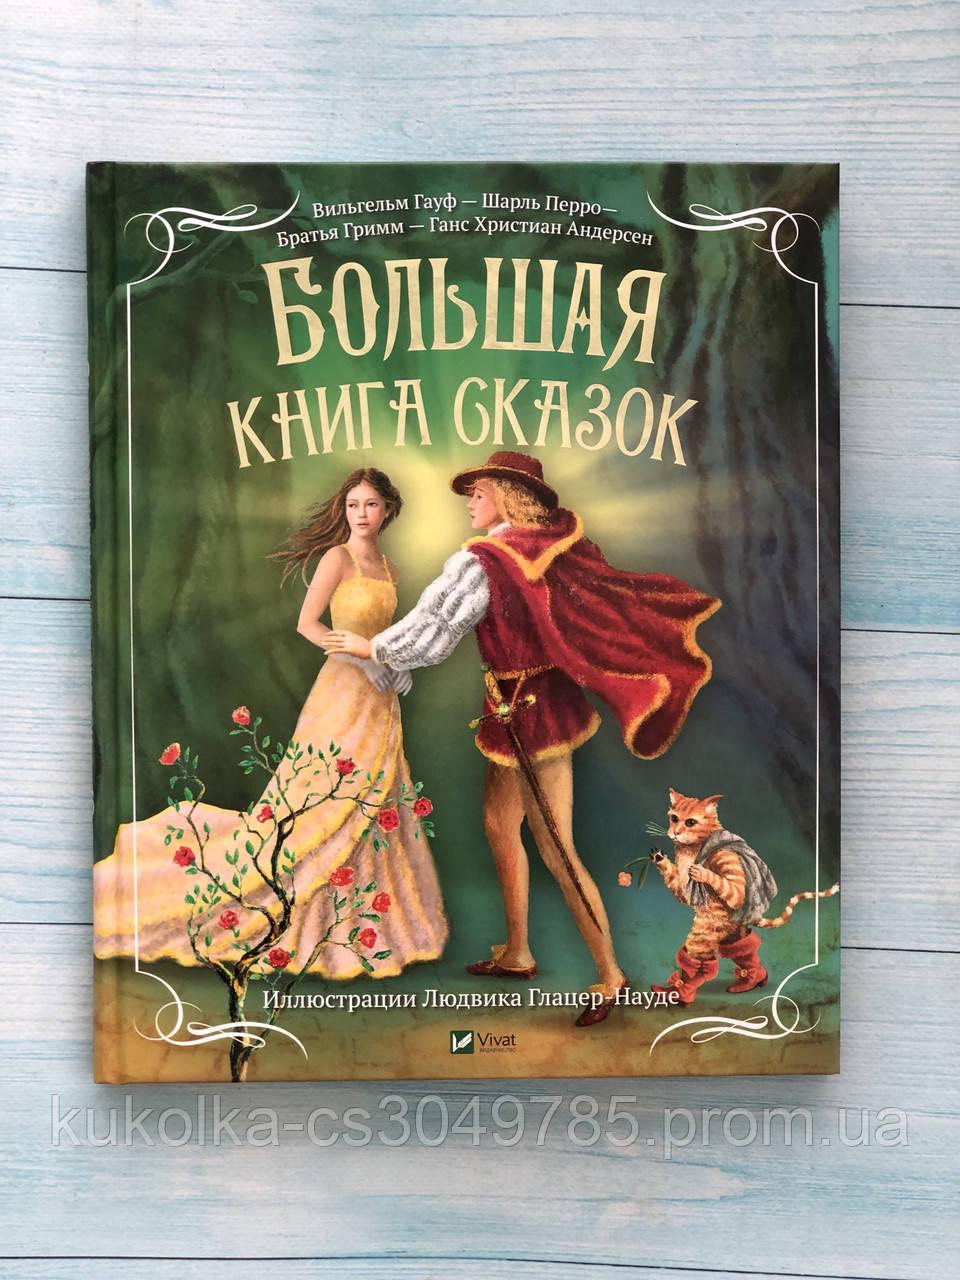 « Большая книга сказок » Издательство VIVAT